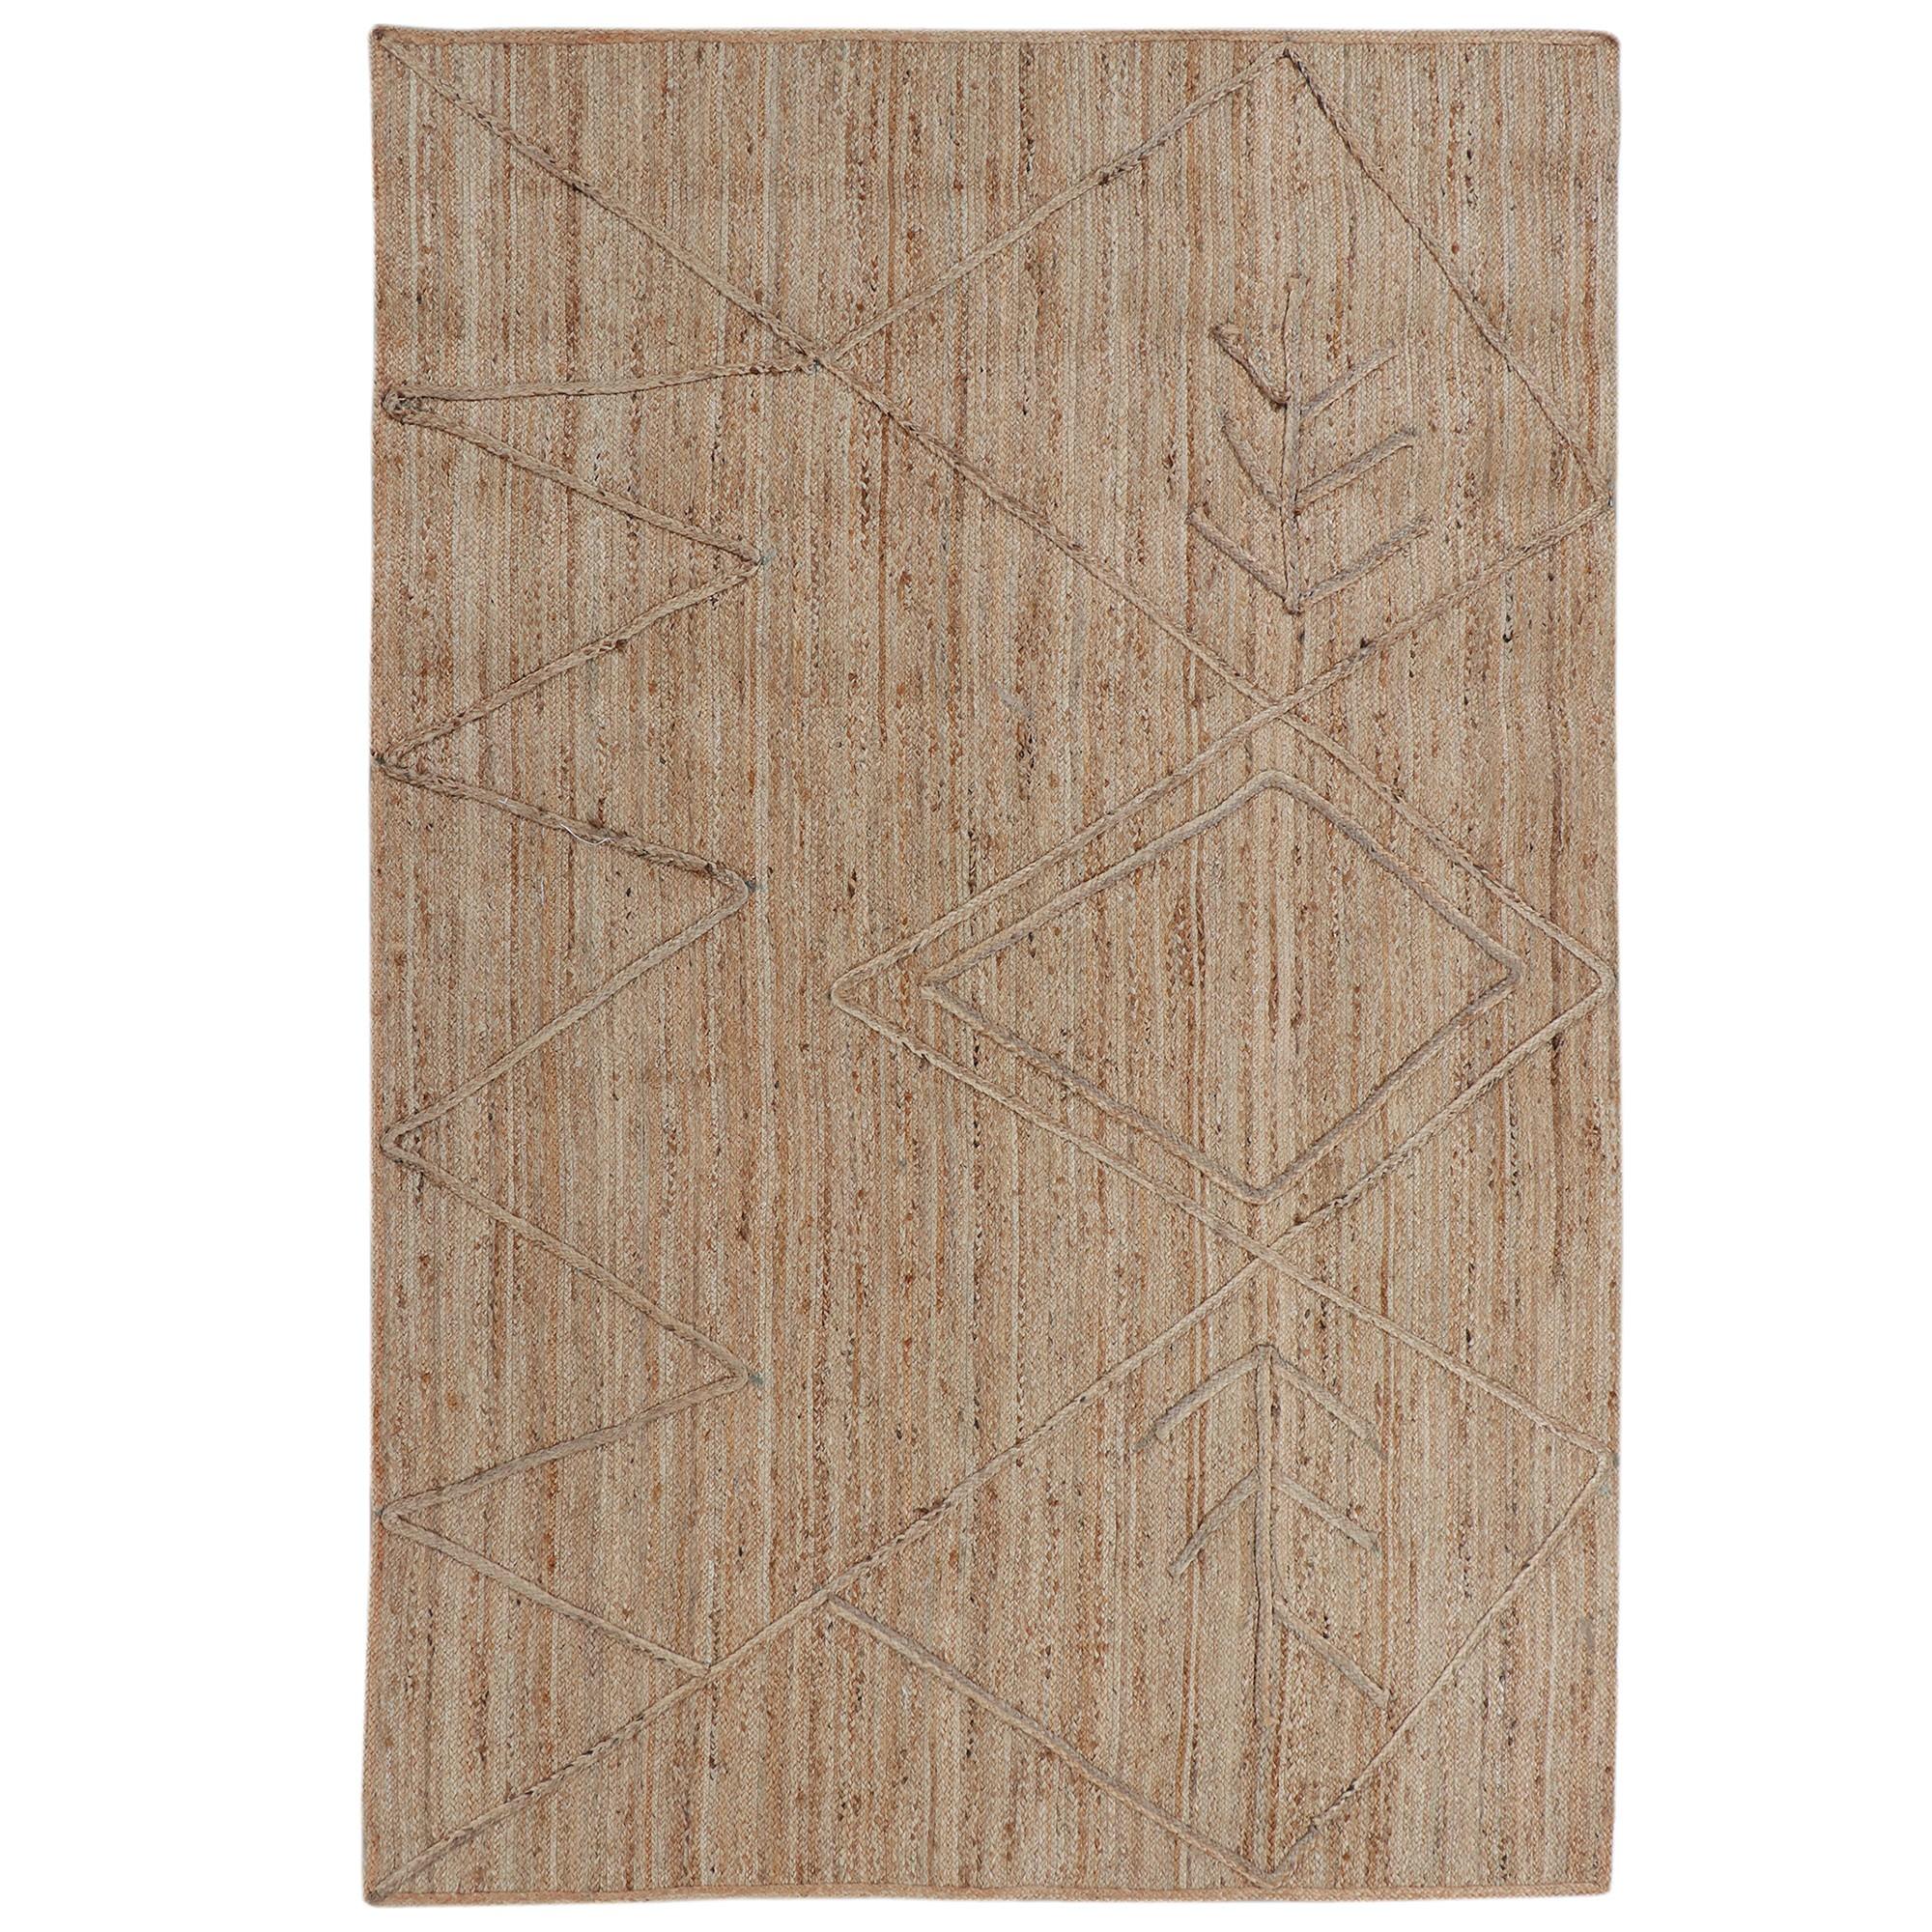 Nalaa Hand Woven Jute Rug, 280x190cm